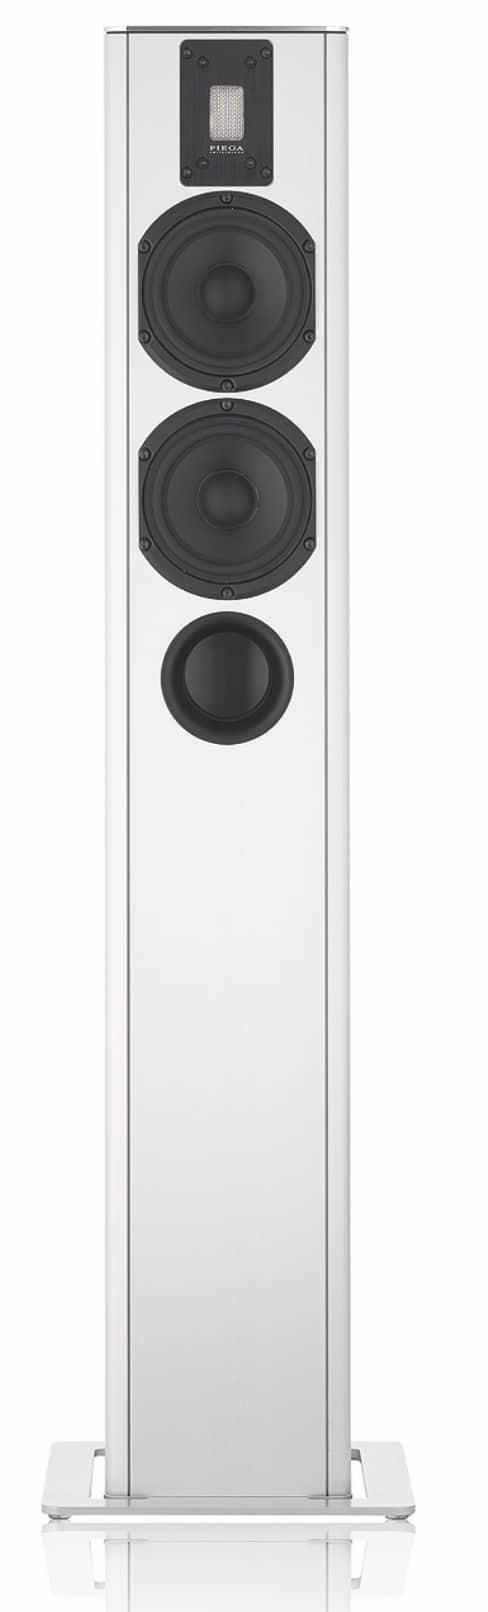 Premium Series Speakers from PIEGA